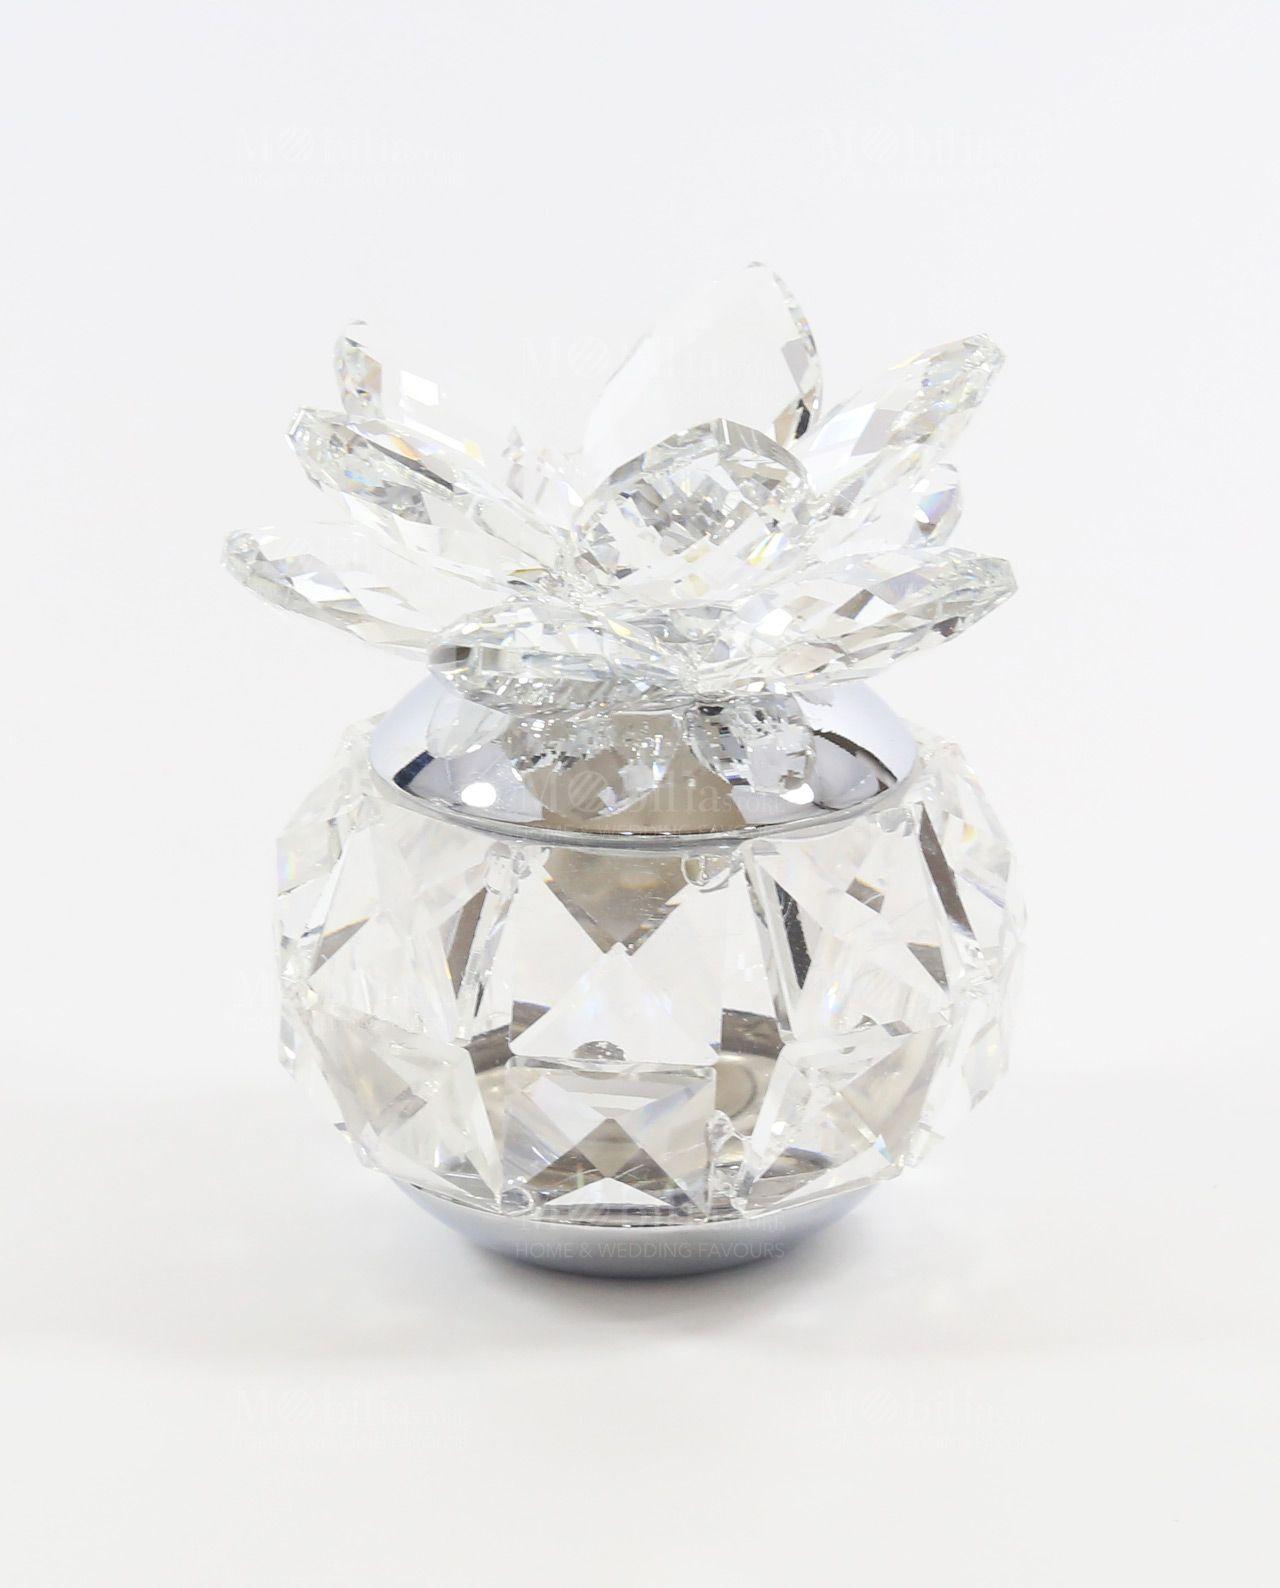 Bomboniere In Cristallo Per Matrimonio.Diffusori Cristallo Swarovski Fiore Di Loto Bomboniere Tufano